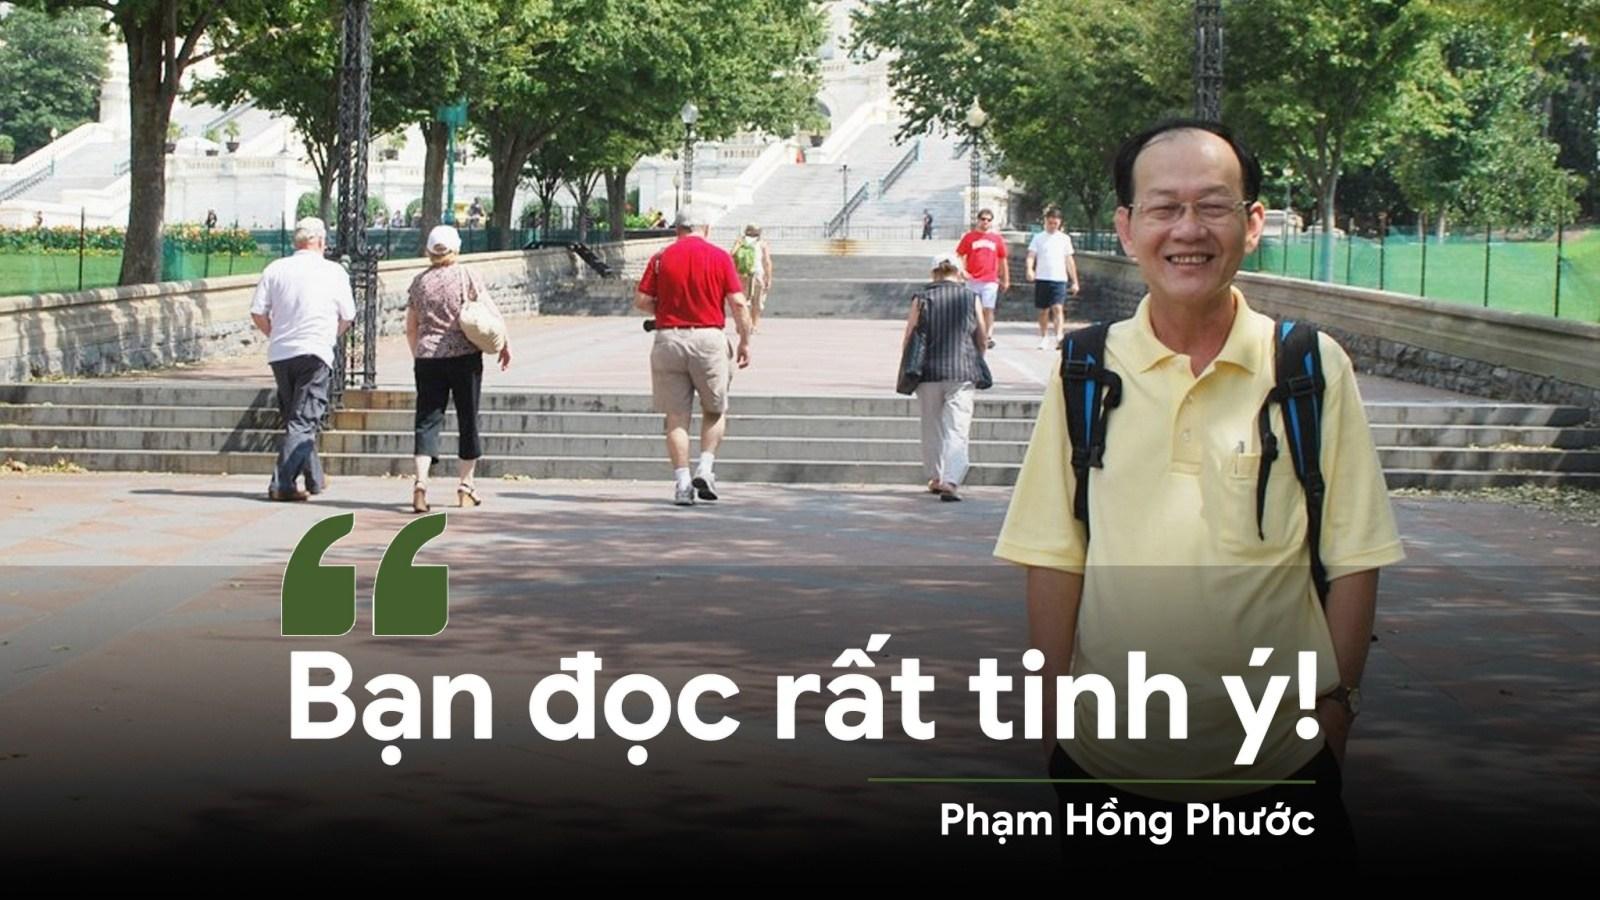 Phạm Hồng Phước: Một nhà báo sâu sắc và sành nghề